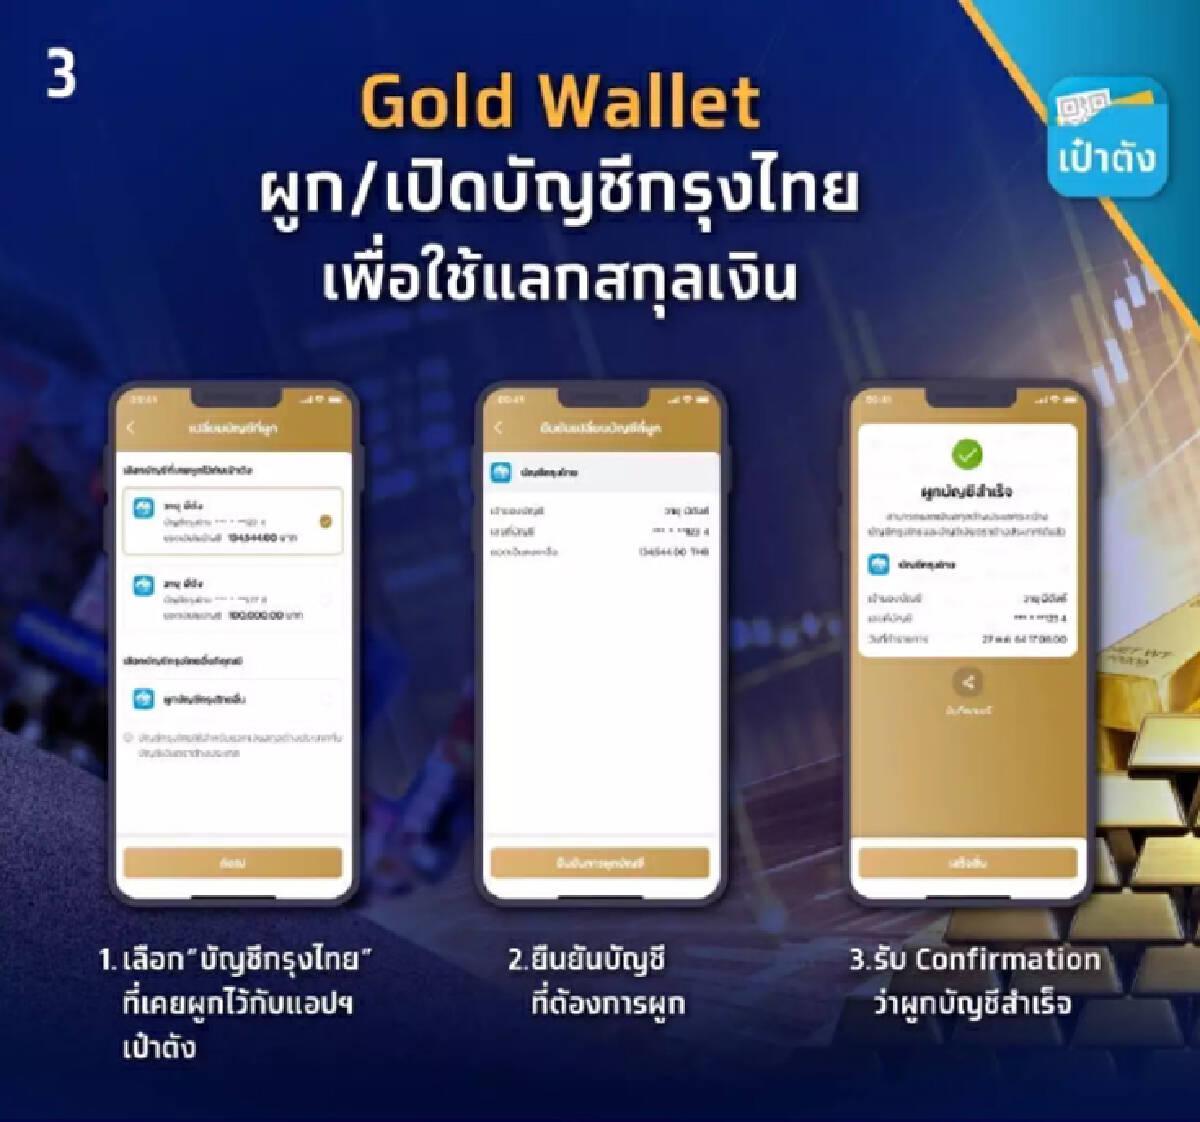 วิธีผูก/เปิดบัญชีกรุงไทย เพื่อใช้แลกสกุลเงิน